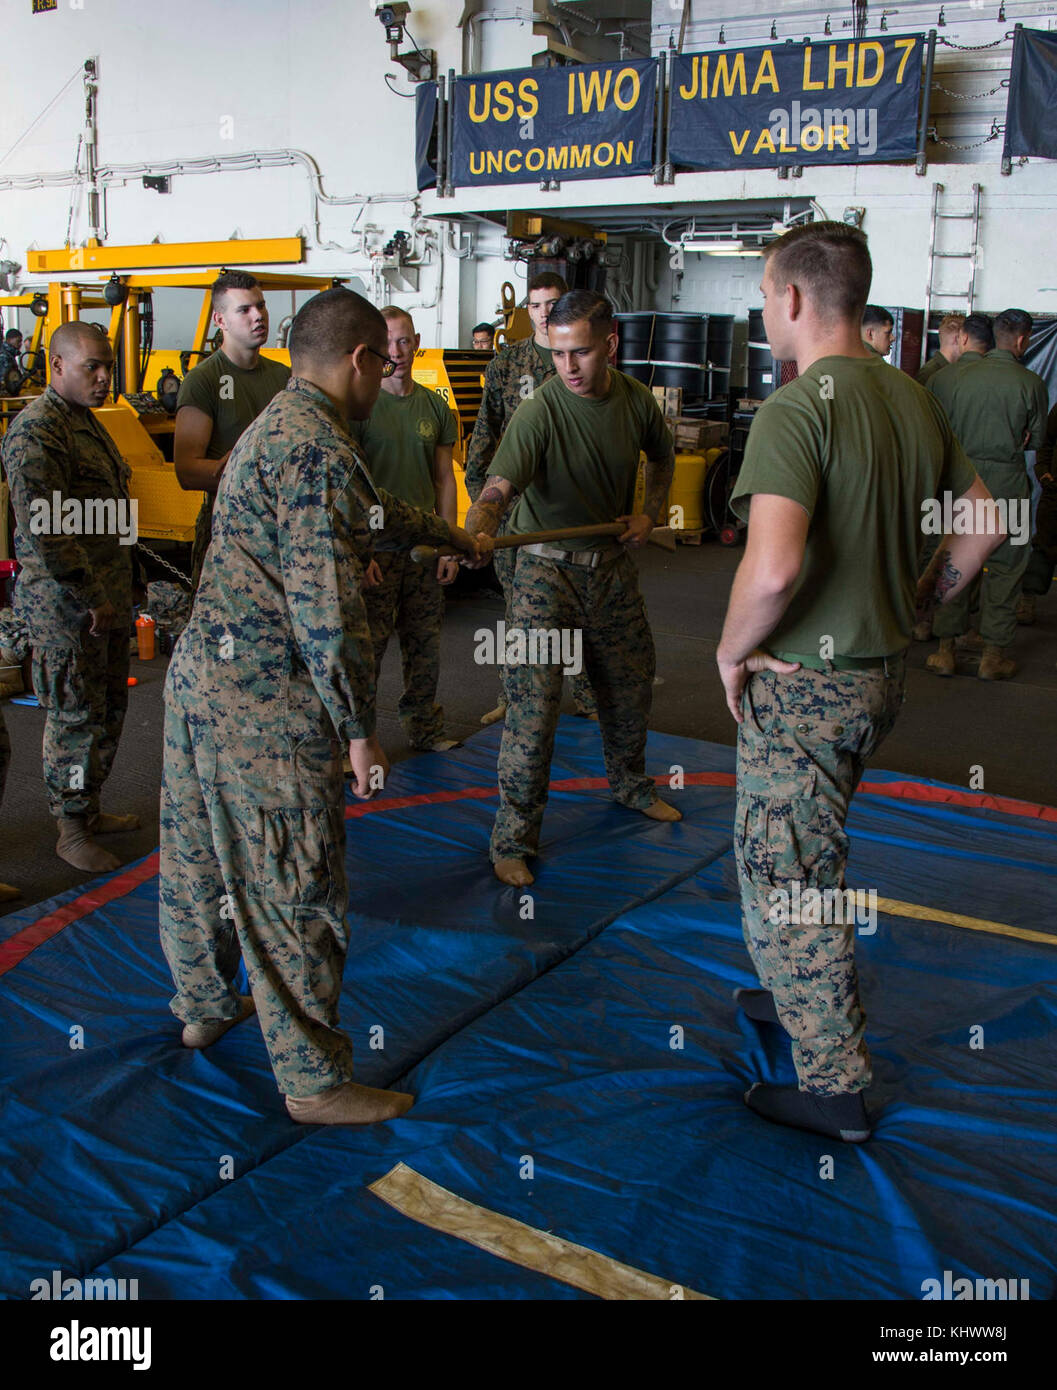 OCEANO ATLANTICO (Nov. 16, 2017) i marines assegnati al Battaglione Landing Team 26E la Società pratica autodifesa di base nella baia hangar della nave d'assalto anfibia USS Iwo Jima (LHD 7). Iwo Jima, componenti del gruppo di pronto anfibio Iwo Jima e la 26a unità di spedizione marina stanno conducendo un esercizio combinato di unità di formazione composita che è il culmine della formazione per il team Navy-Marine Corps e li certificherà per l'implementazione. (STATI UNITI Navy foto di Mass Communication Specialist 3° Classe Kevin Leitner/rilasciato) Foto Stock